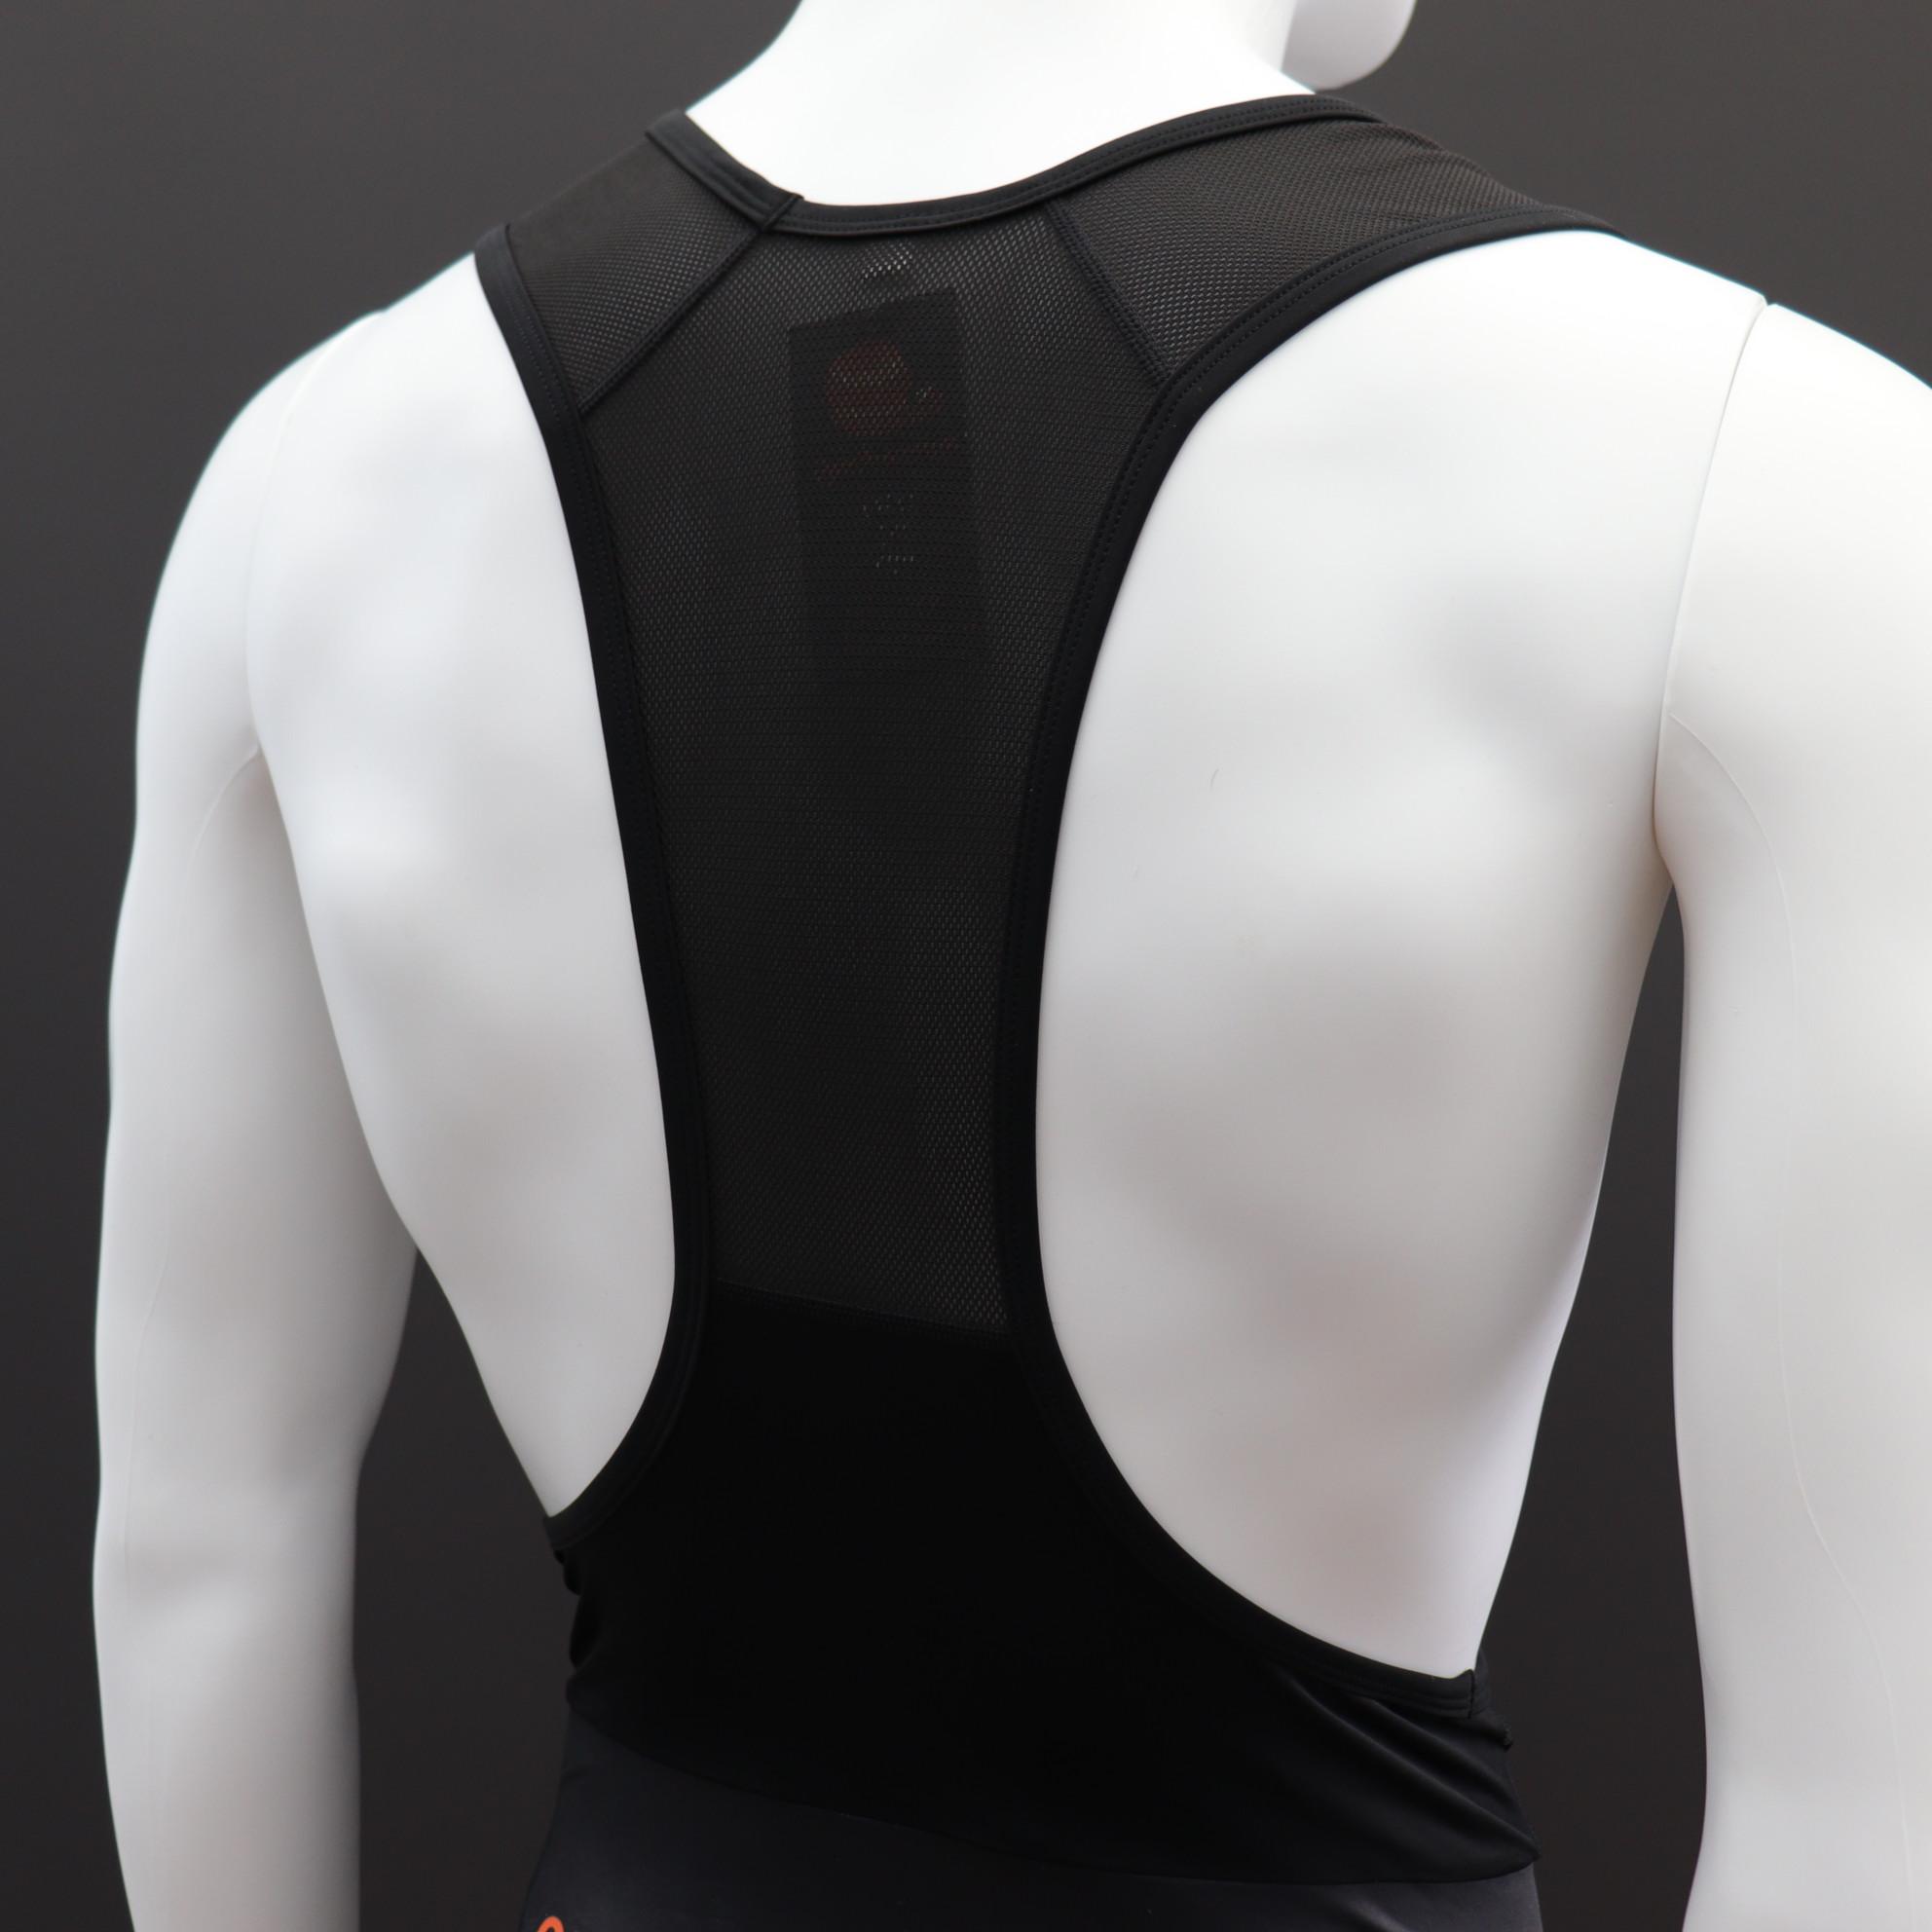 Classic Cycle Bib Shorts - Comfort Mesh Bib